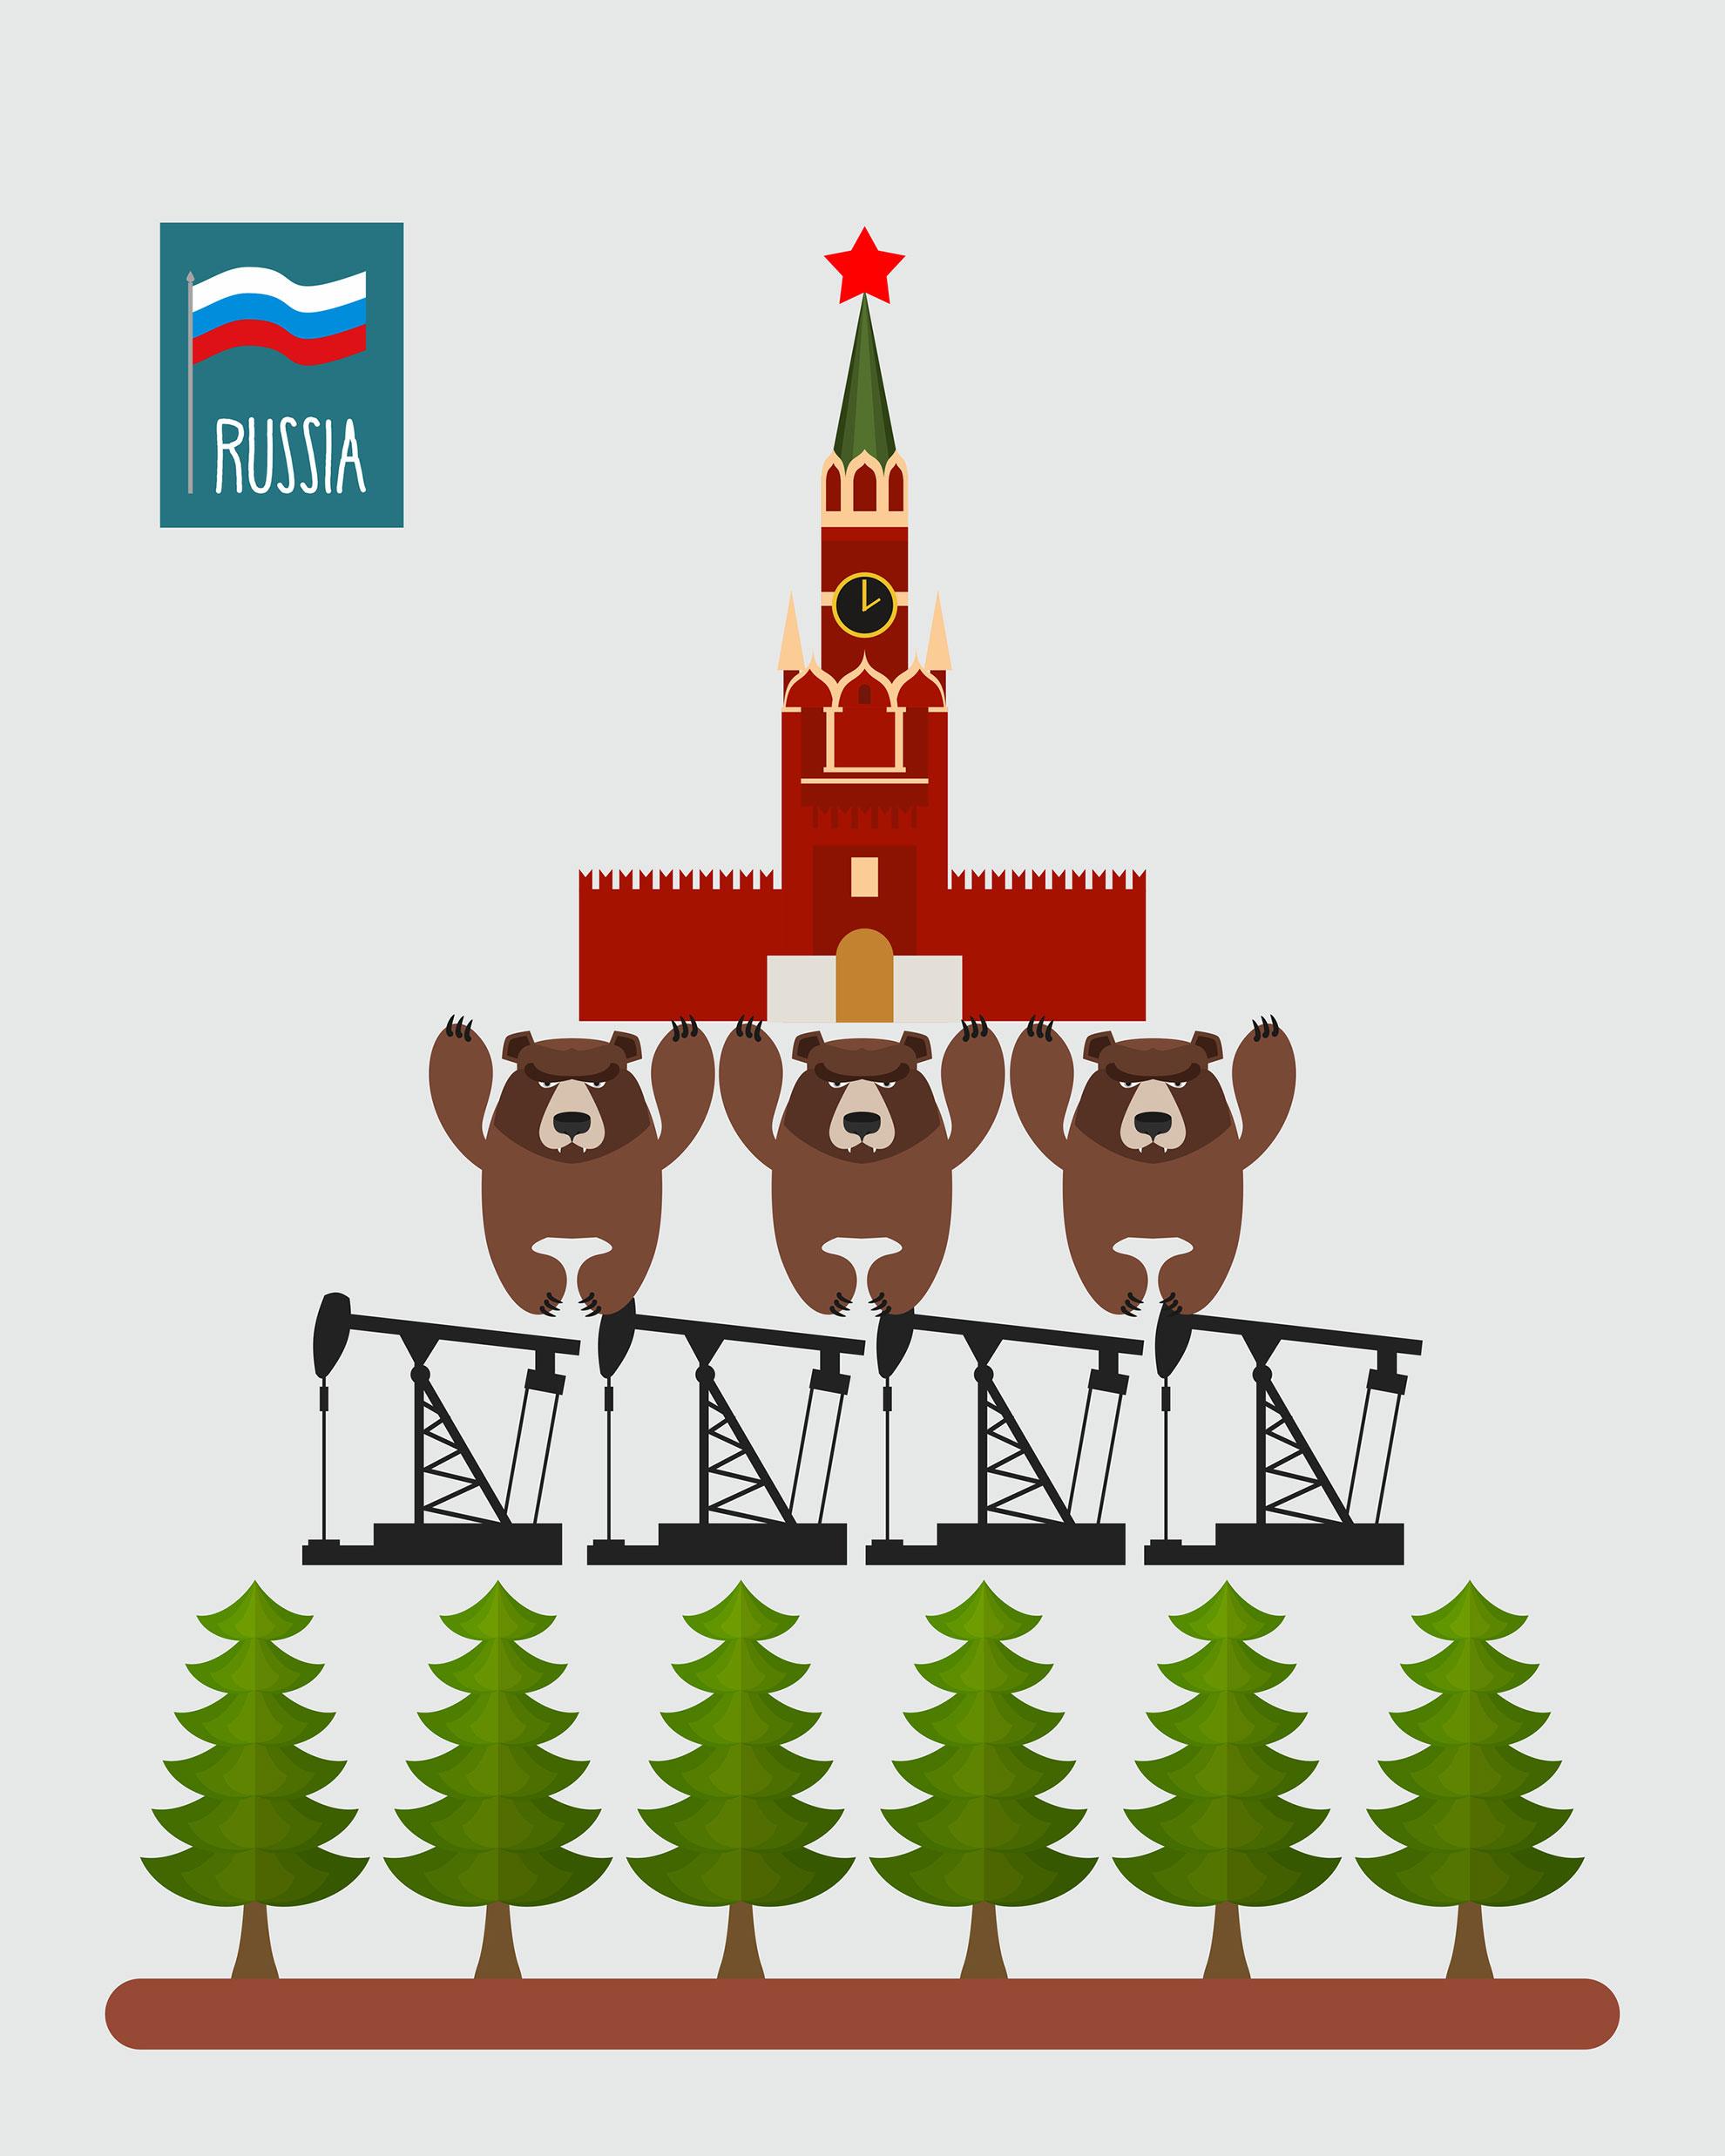 BS_Russian-pillars_Bears-on-oil-rigs_Popaukropa_93241415s